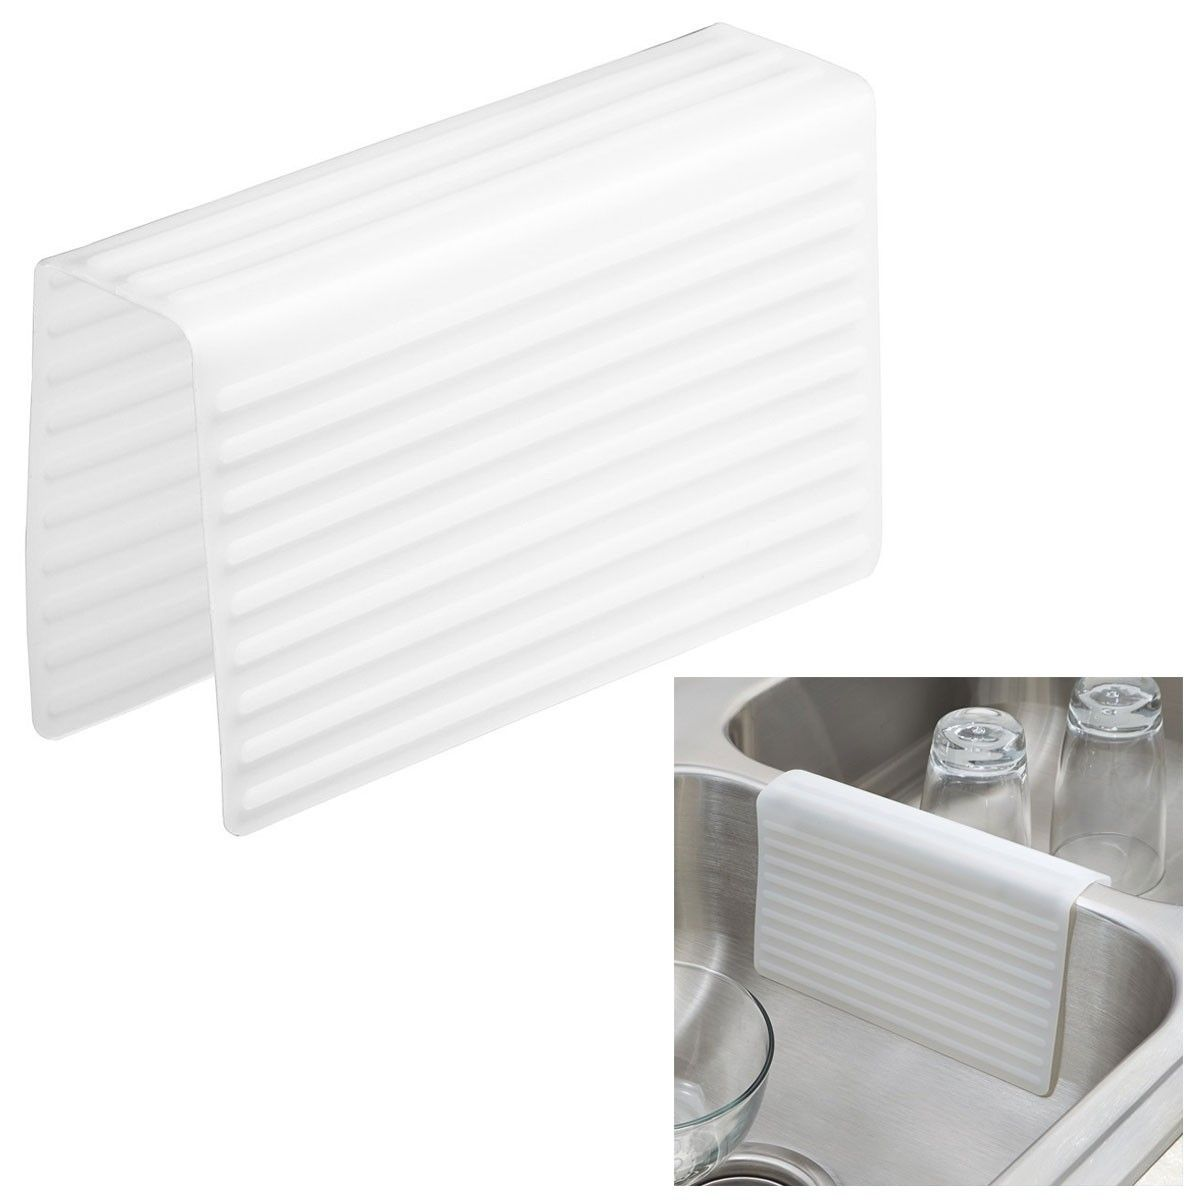 Interdesign Lineo Silcone Kitchen Sink